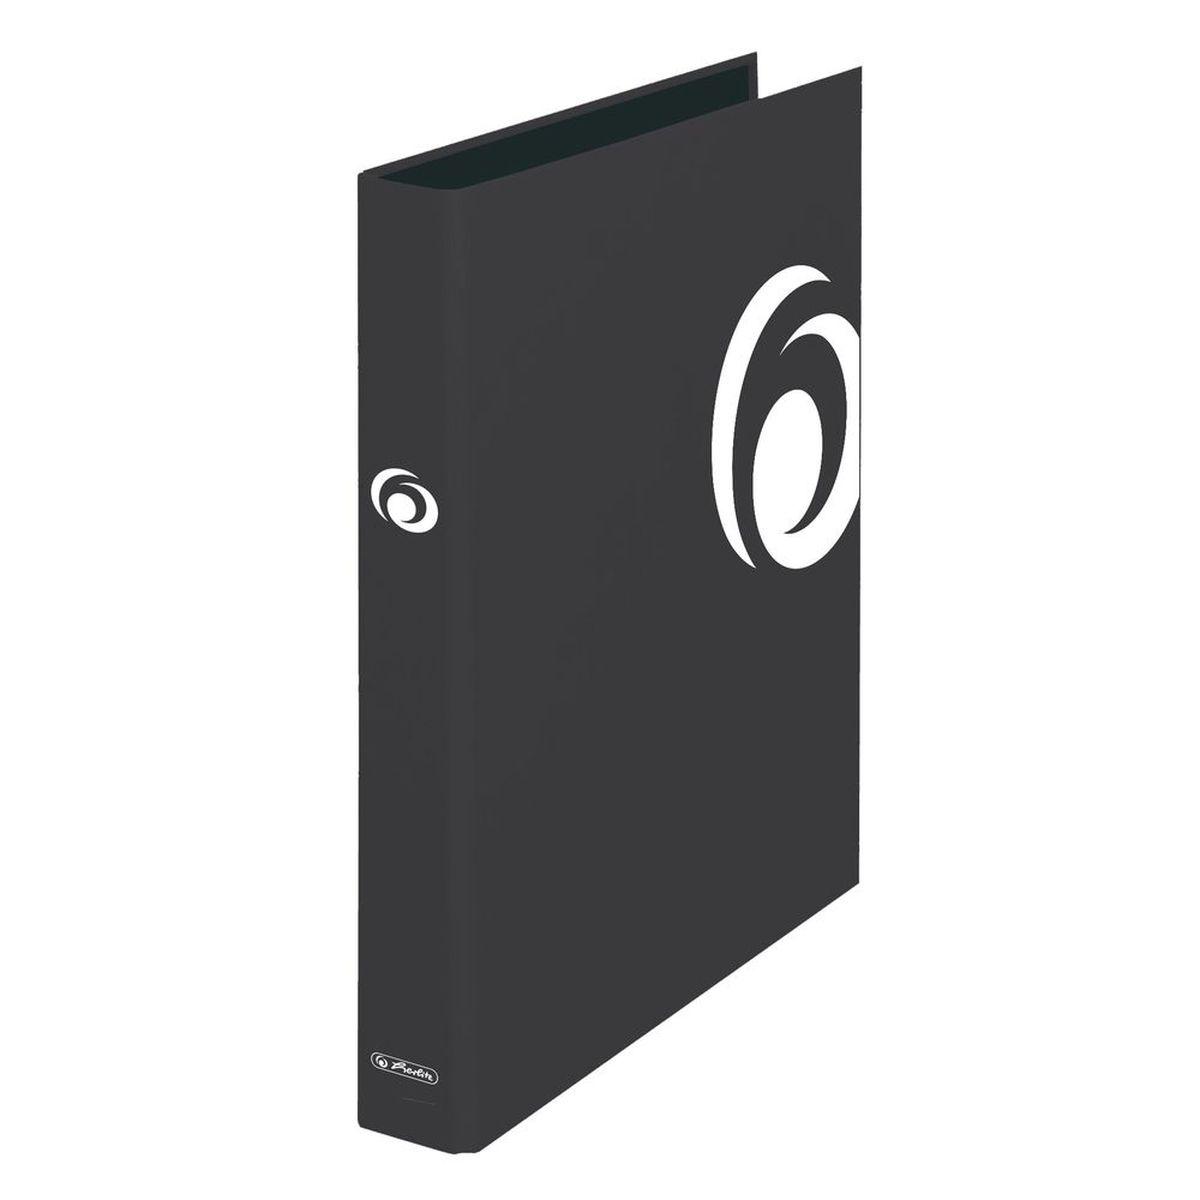 Herlitz Папка с кольцами MaX.file формат A4 цвет черный10935153Папка с кольцами maX.file, формат A4, ширина корешка 2,5 см. Обложка из ламинированного картона с тиснением. Механизм с двумя кольцами, черн